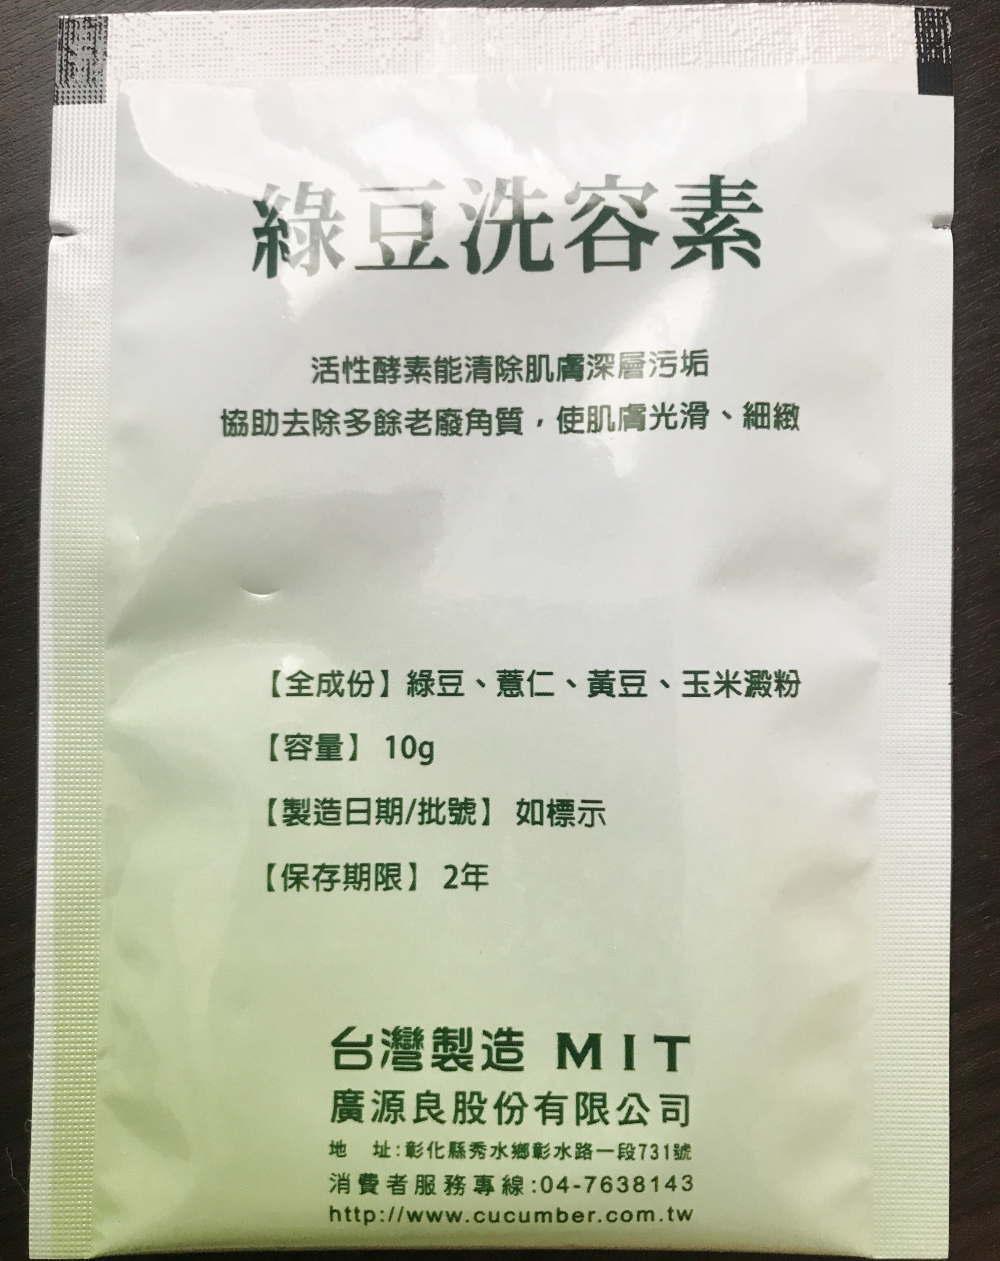 緑豆洗容素 原材料名